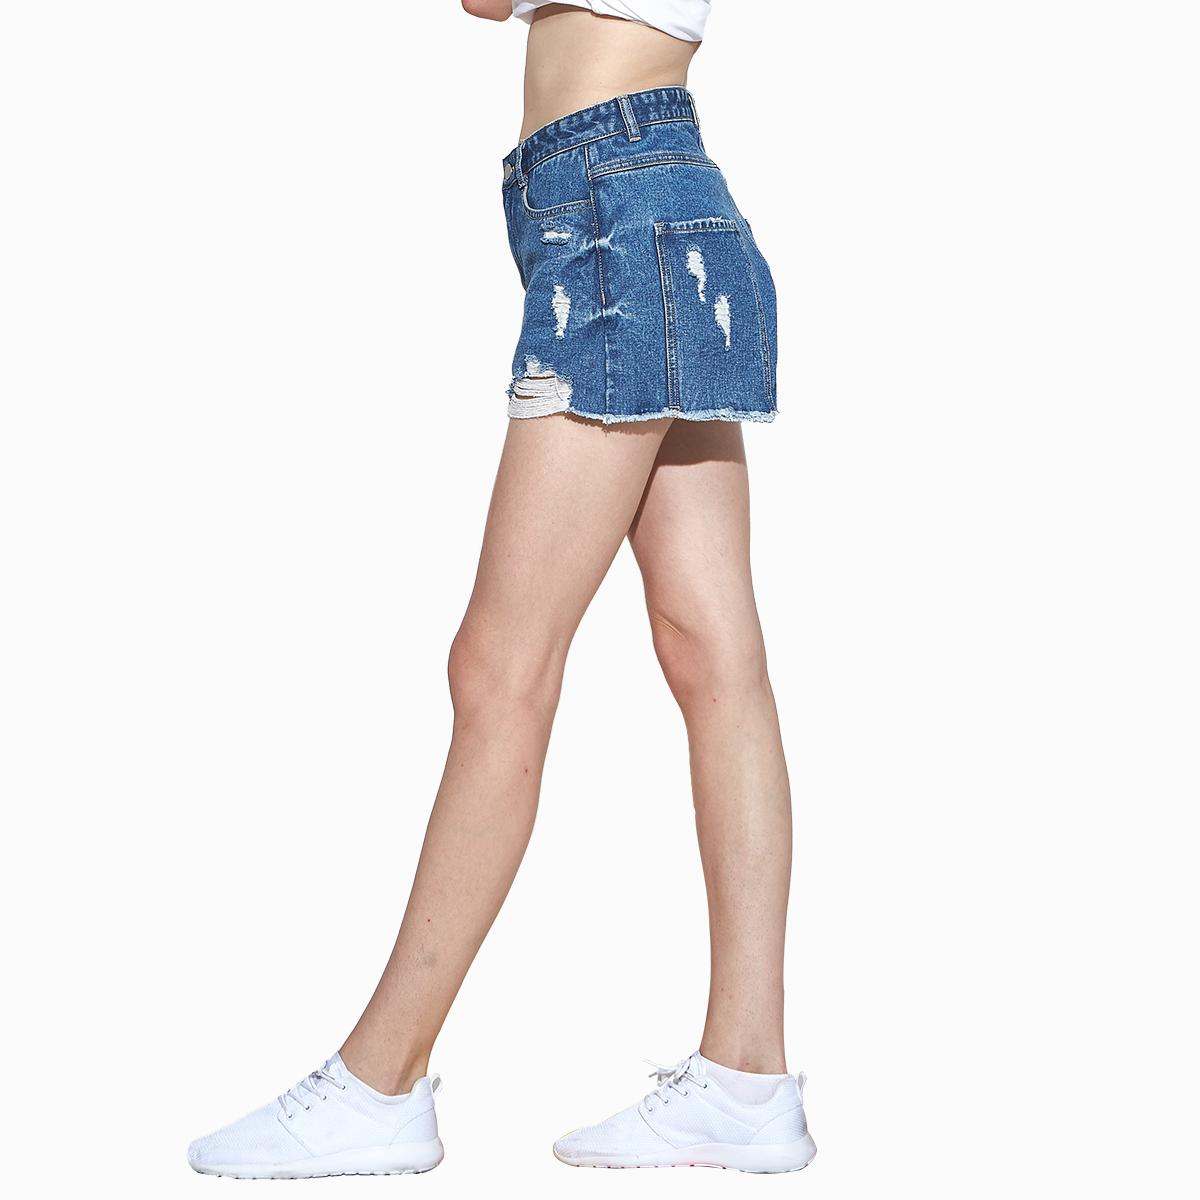 ilys拼接毛边磨破洞高腰牛仔短裤女夏季潮宽松热裤